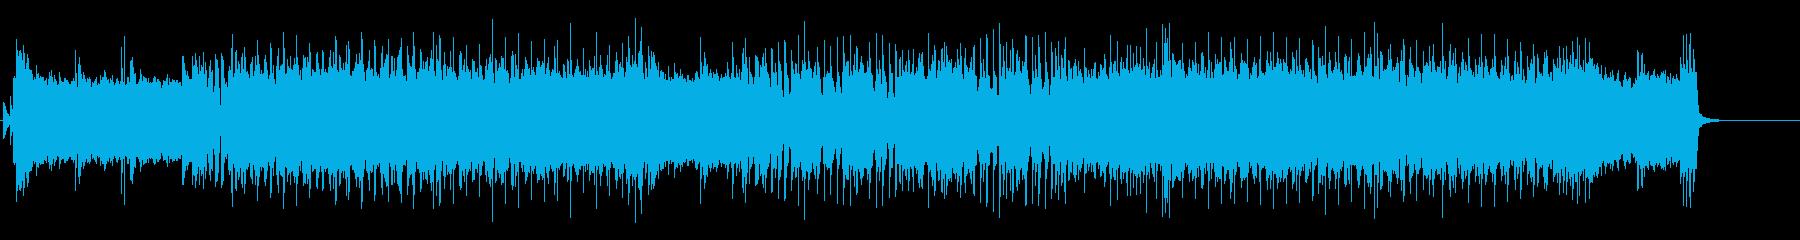 熱いギターロックBGM3の再生済みの波形